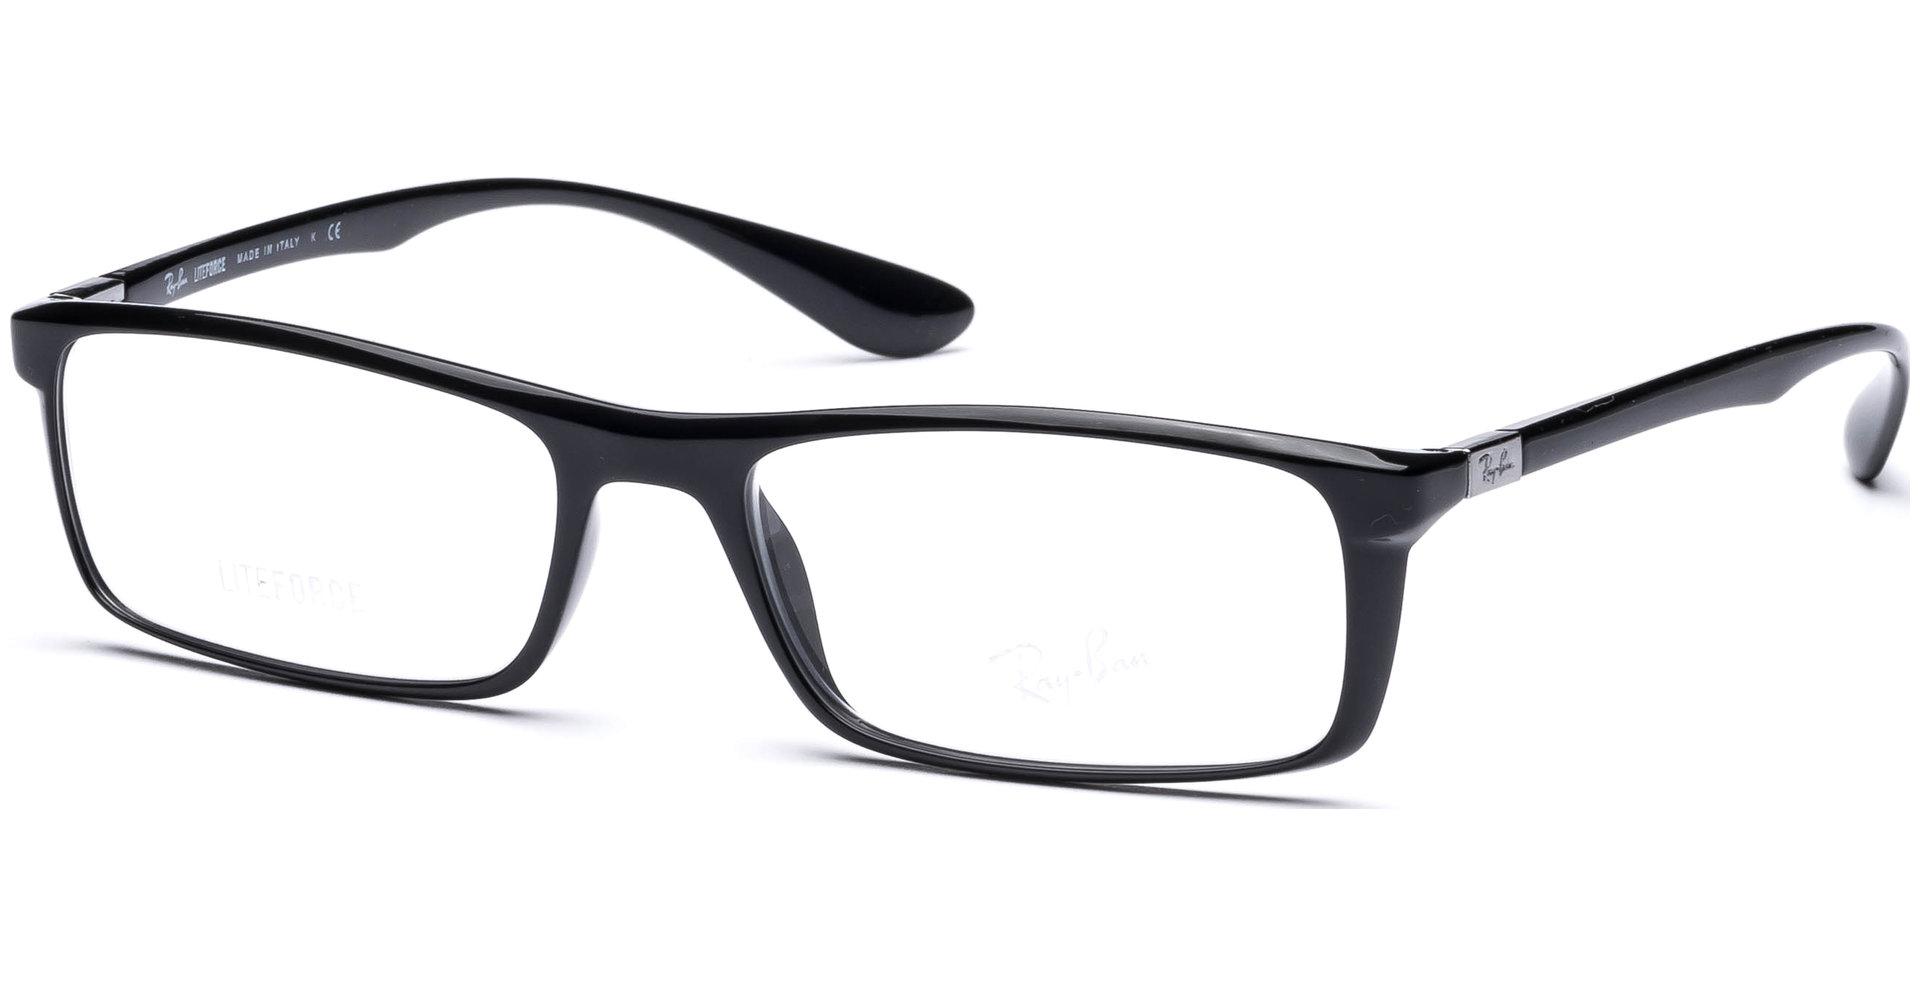 ray ban brille billig kaufen. Black Bedroom Furniture Sets. Home Design Ideas